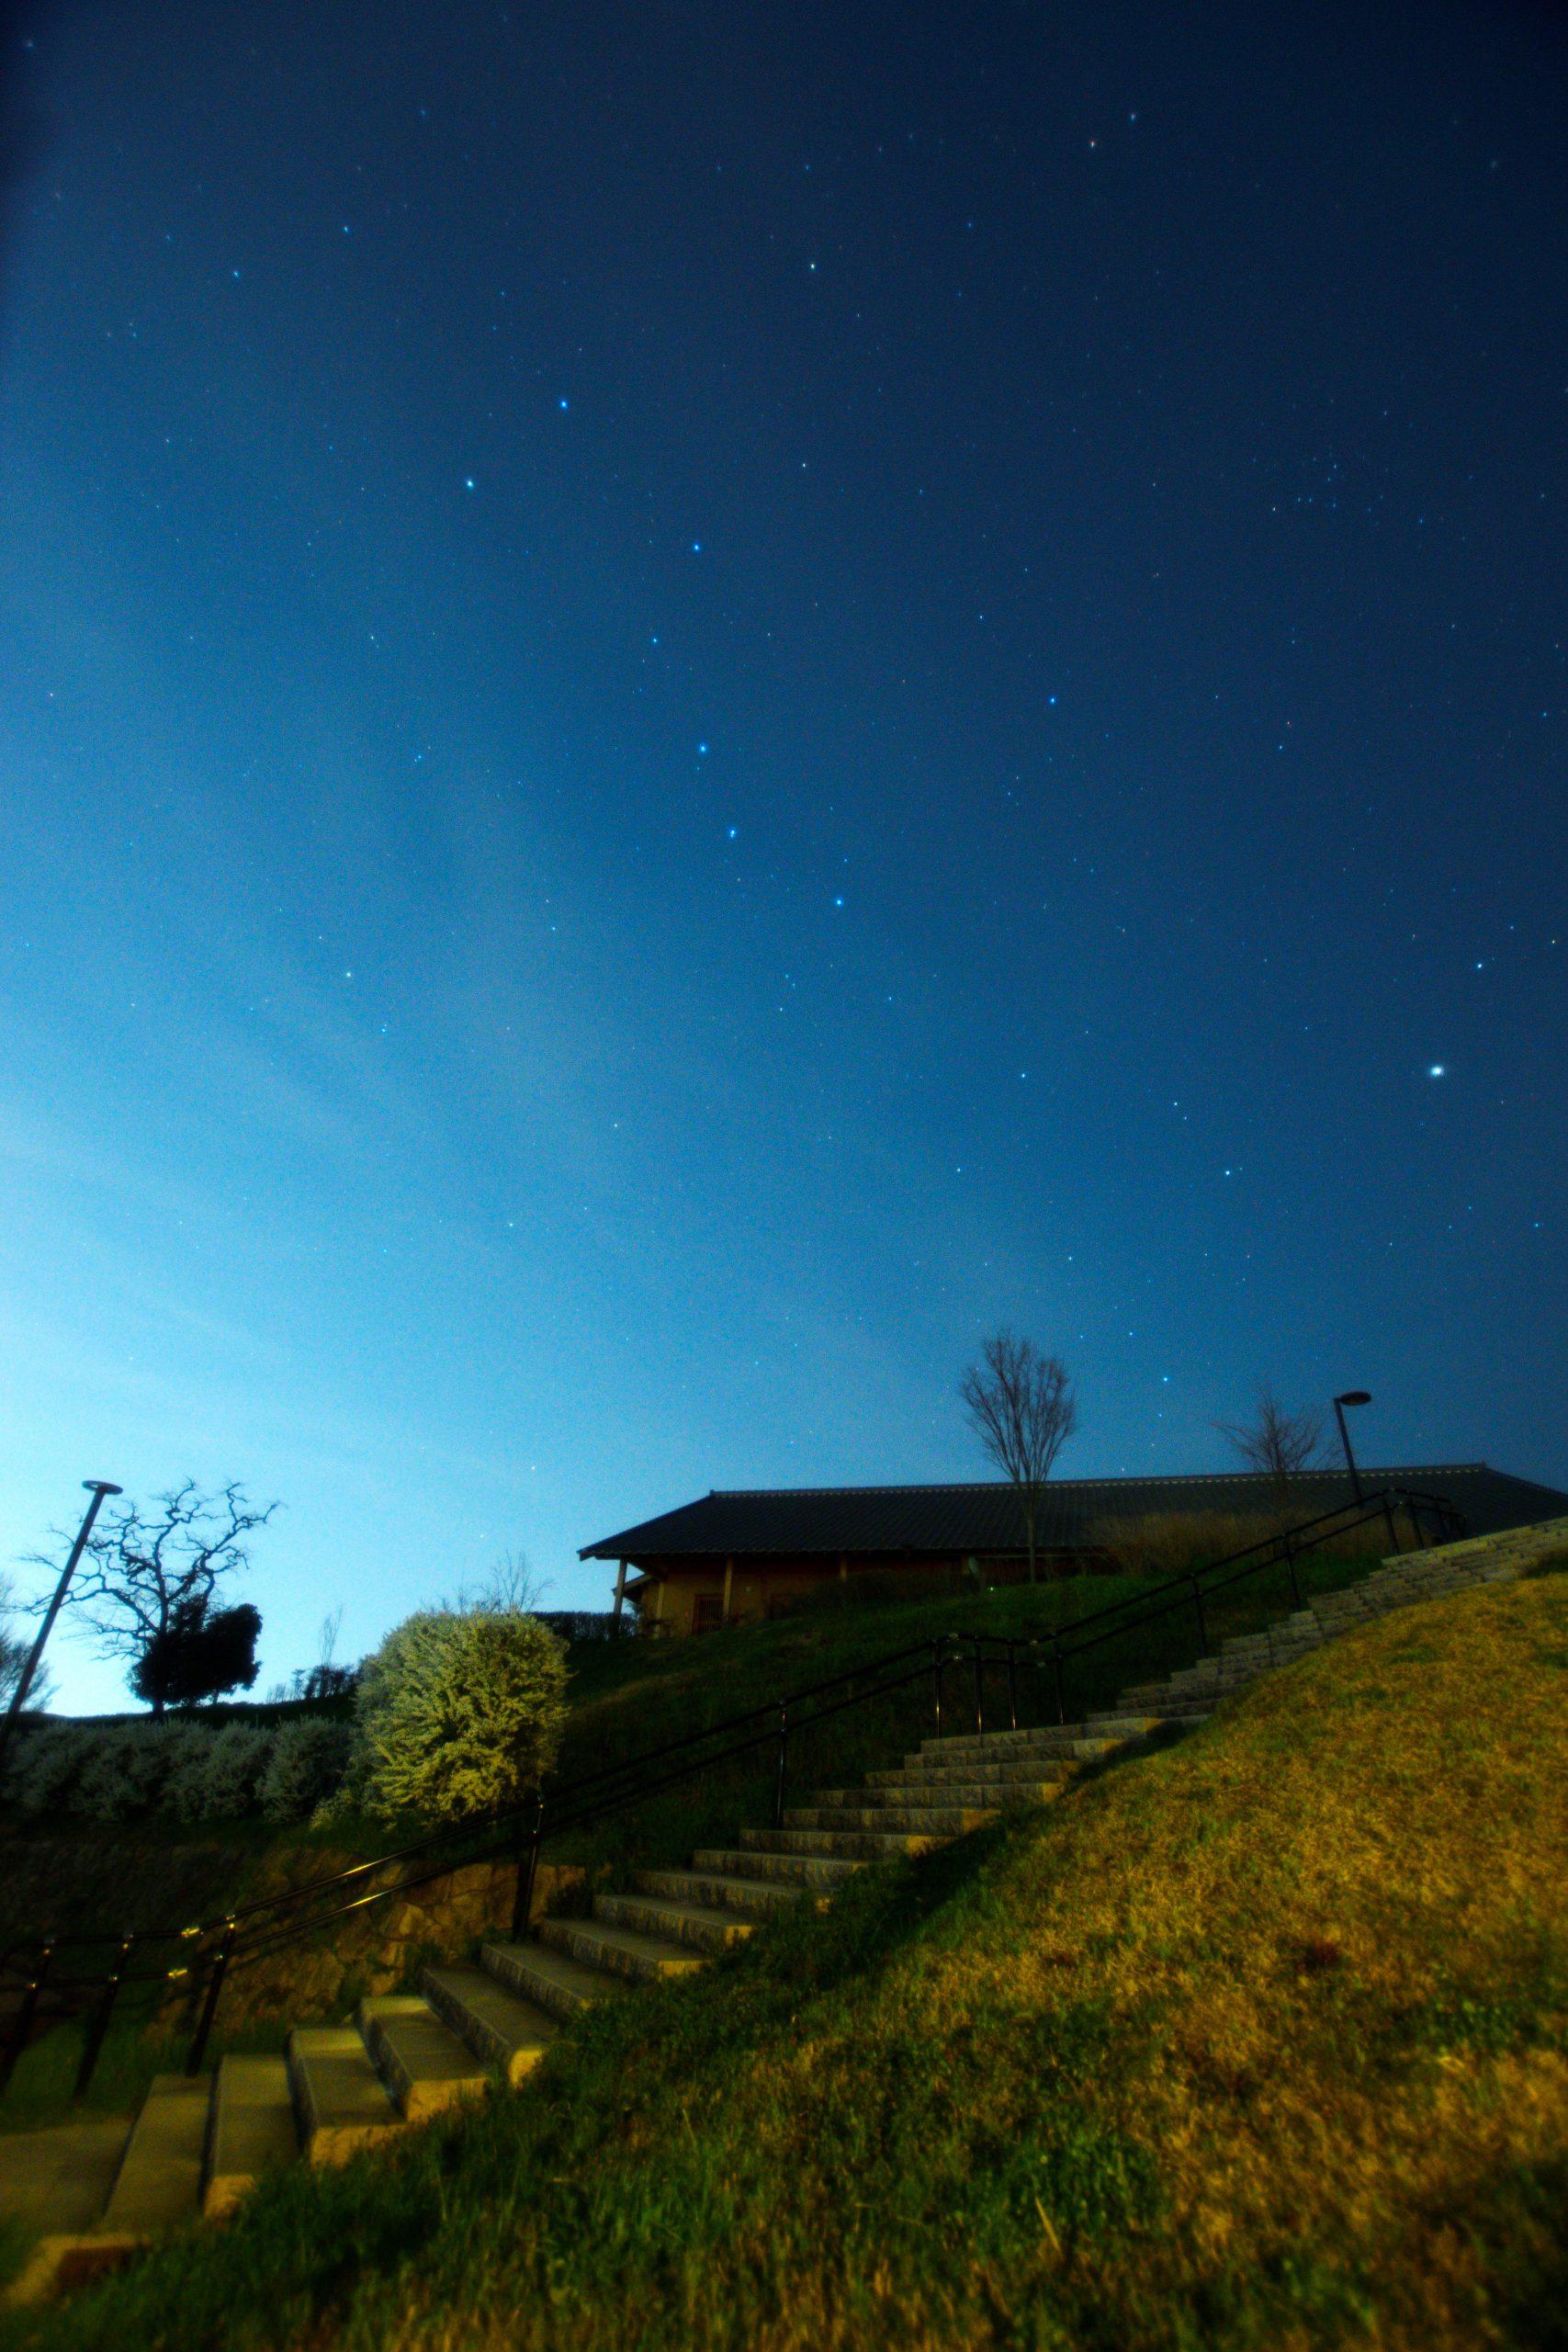 檜隈寺跡休憩案内所から望む北斗七星とアルクトゥルス